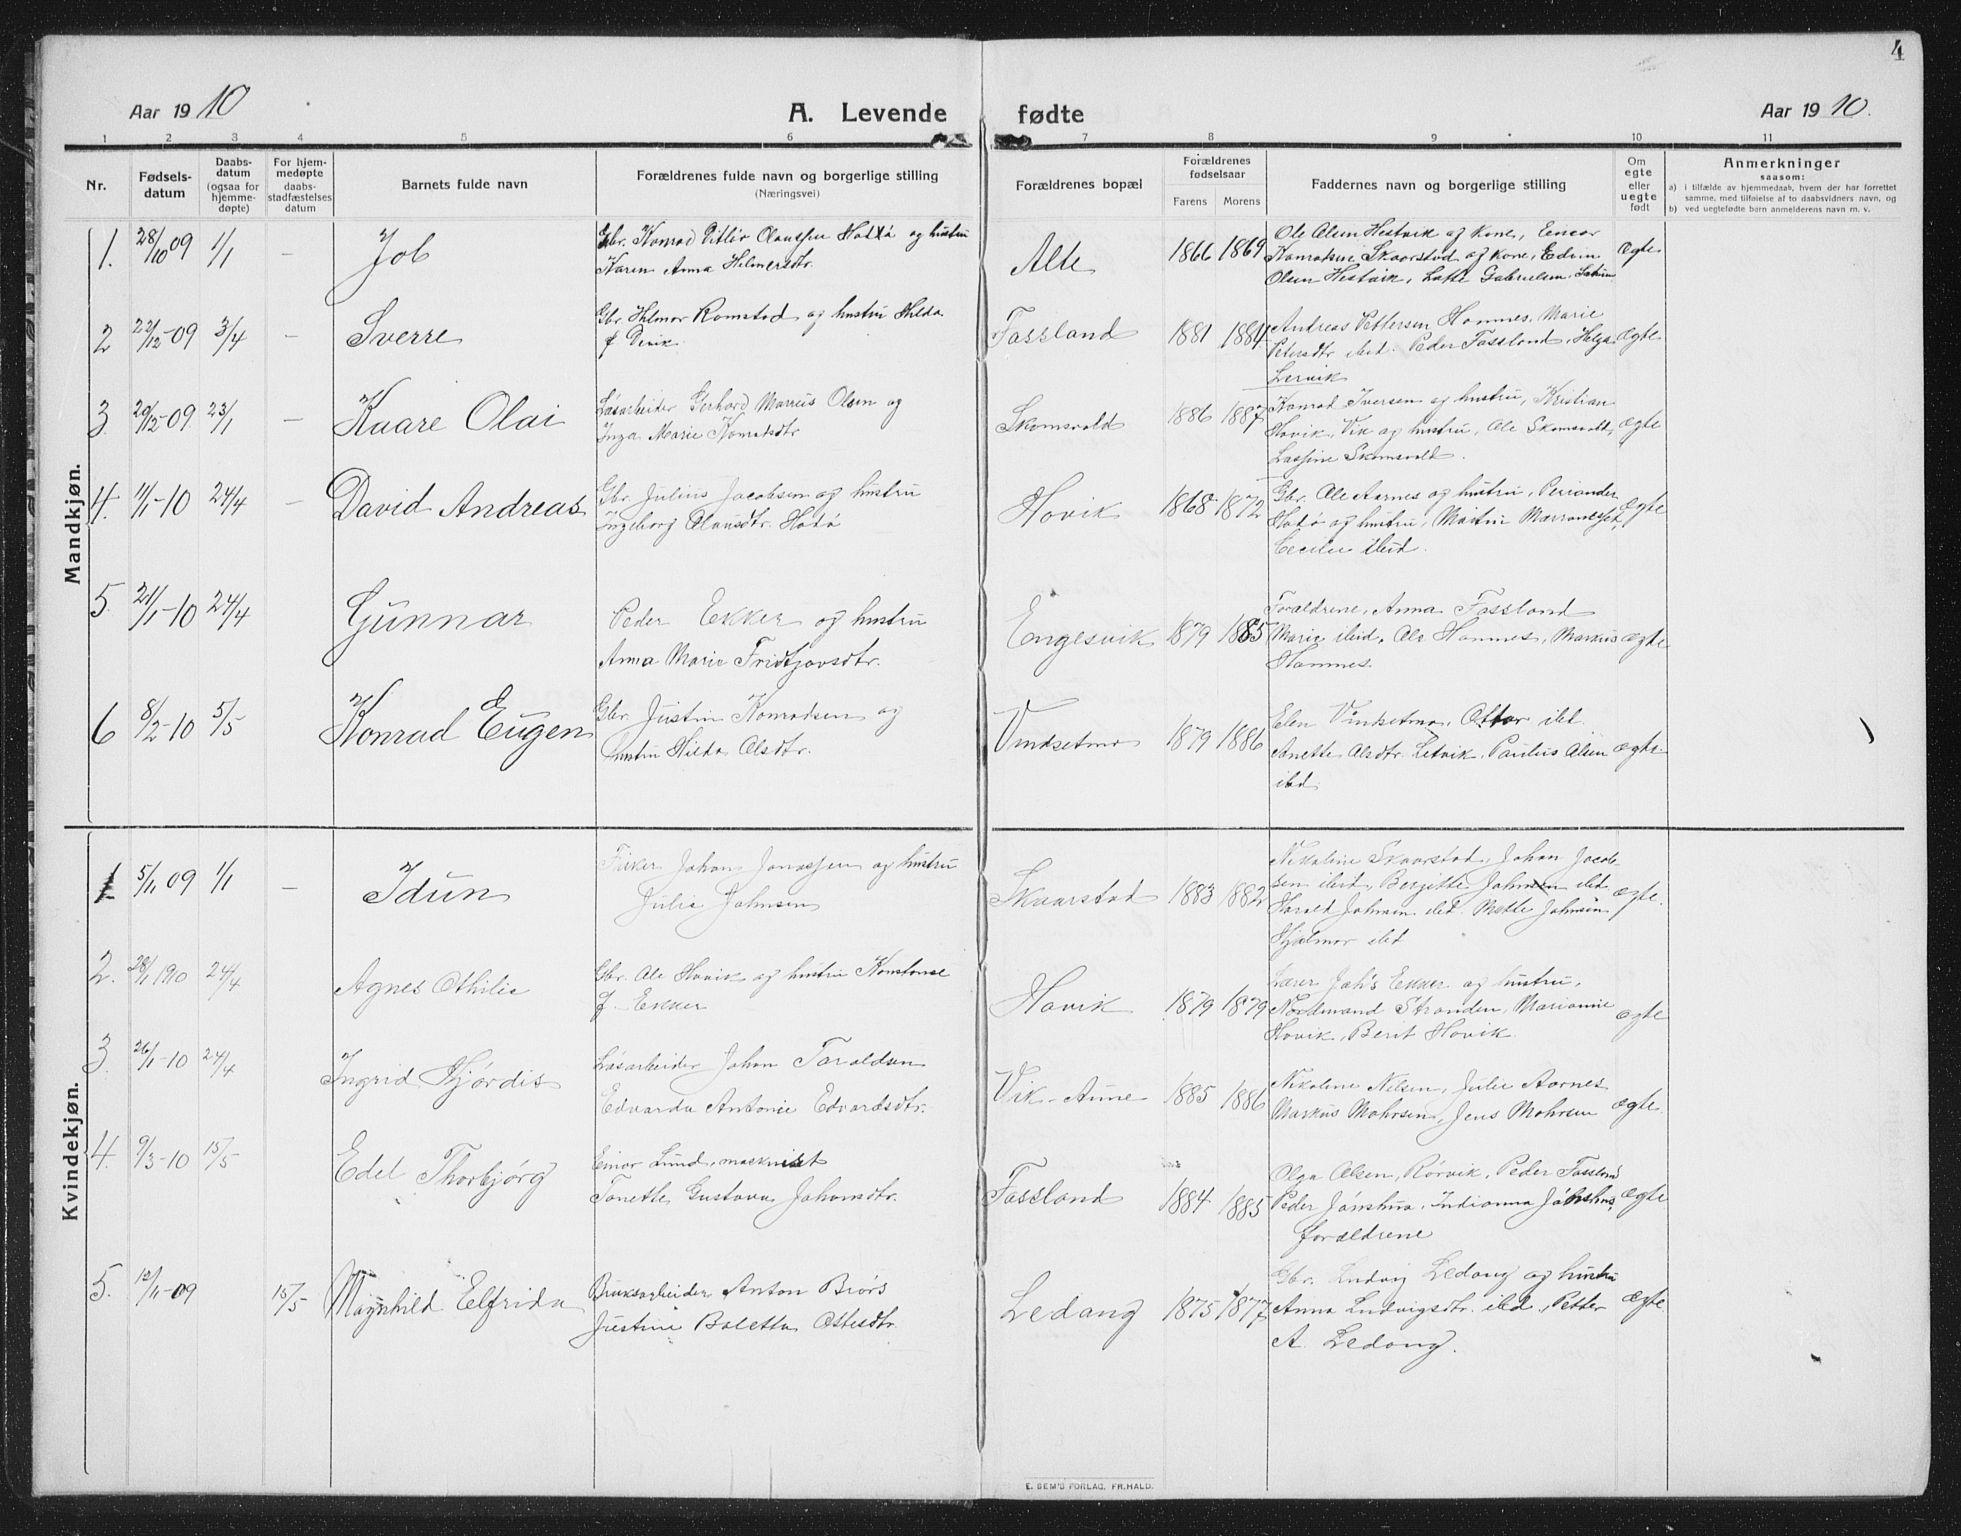 SAT, Ministerialprotokoller, klokkerbøker og fødselsregistre - Nord-Trøndelag, 774/L0630: Klokkerbok nr. 774C01, 1910-1934, s. 4